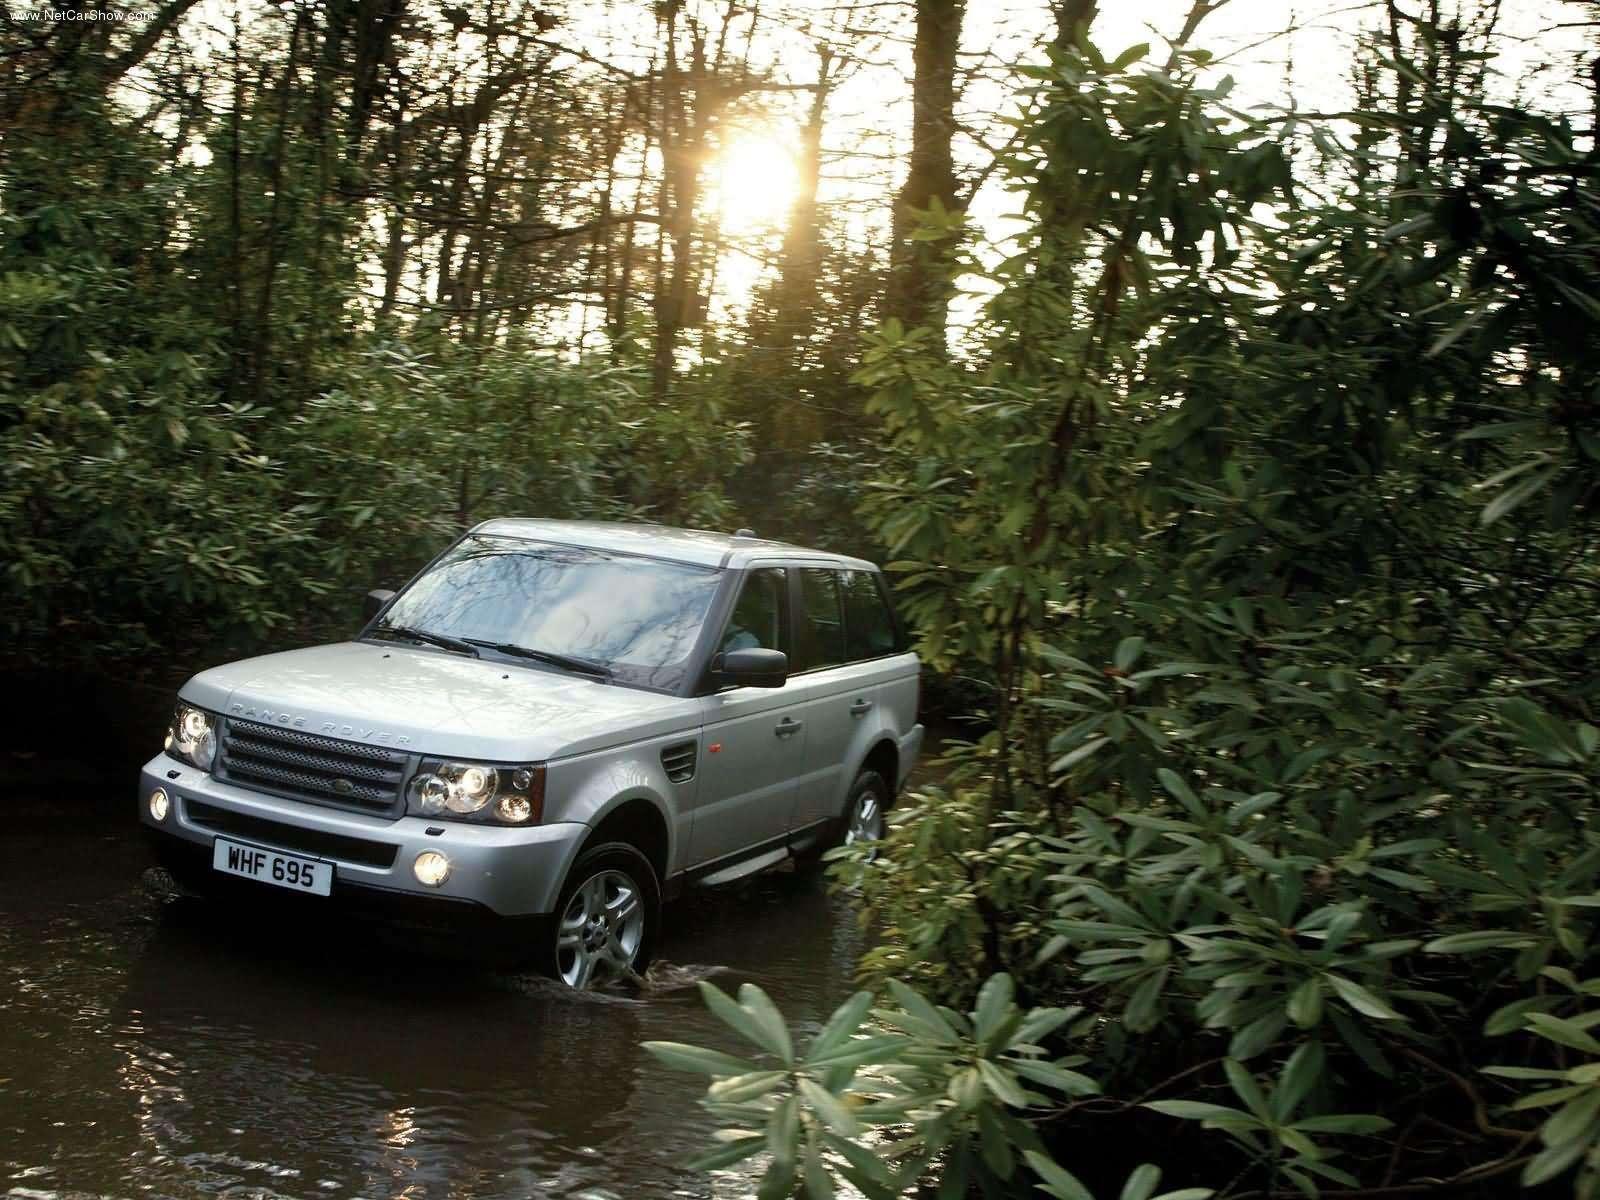 http://3.bp.blogspot.com/_w1WckrJr_Ww/S6zqvFtUDdI/AAAAAAAAAcs/J-Ccuw1m1jE/s1600/Land_Rover-Range_Rover_Sport_2006_1600x1200_wallpaper_02%5B1%5D.jpg